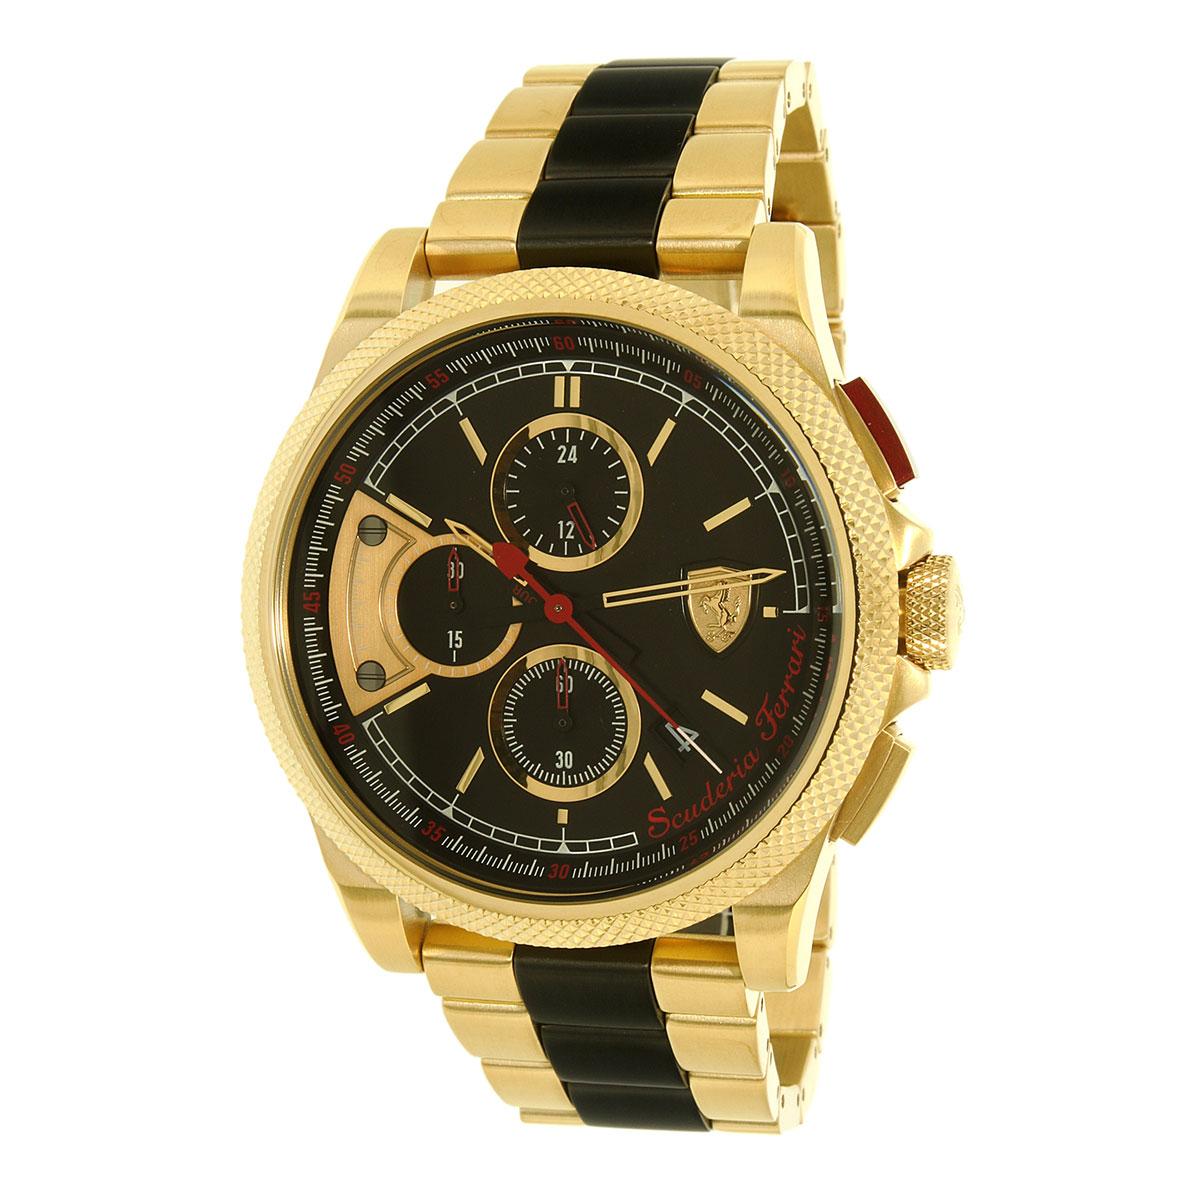 นาฬิกาผู้ชาย Ferrari รุ่น 0830316, Formula Italia